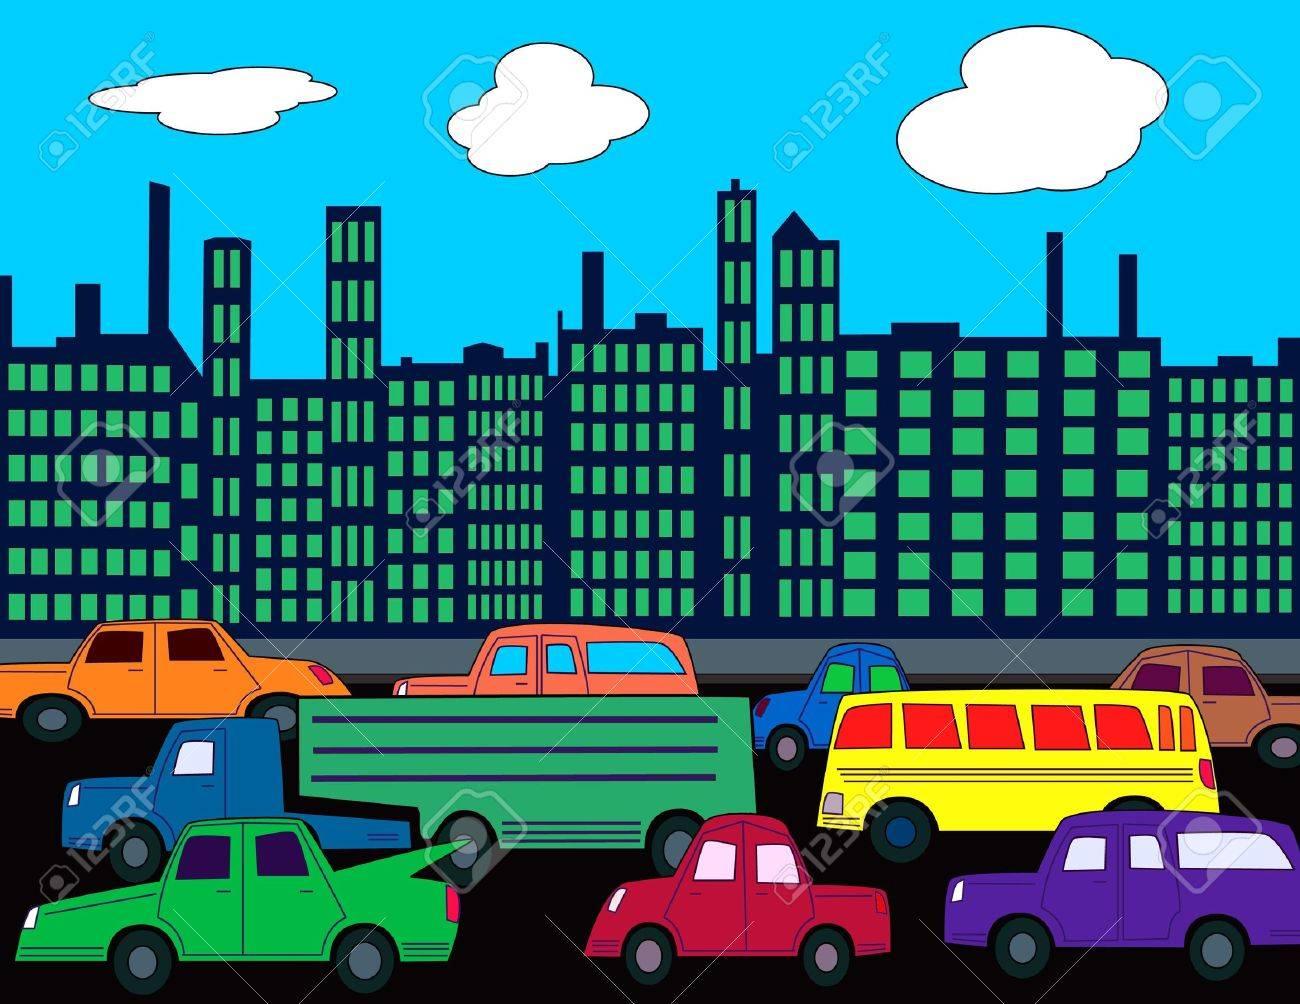 Eine Belebte Stadt Strasse Mit Autos Und Verkehr Lizenzfreie Fotos